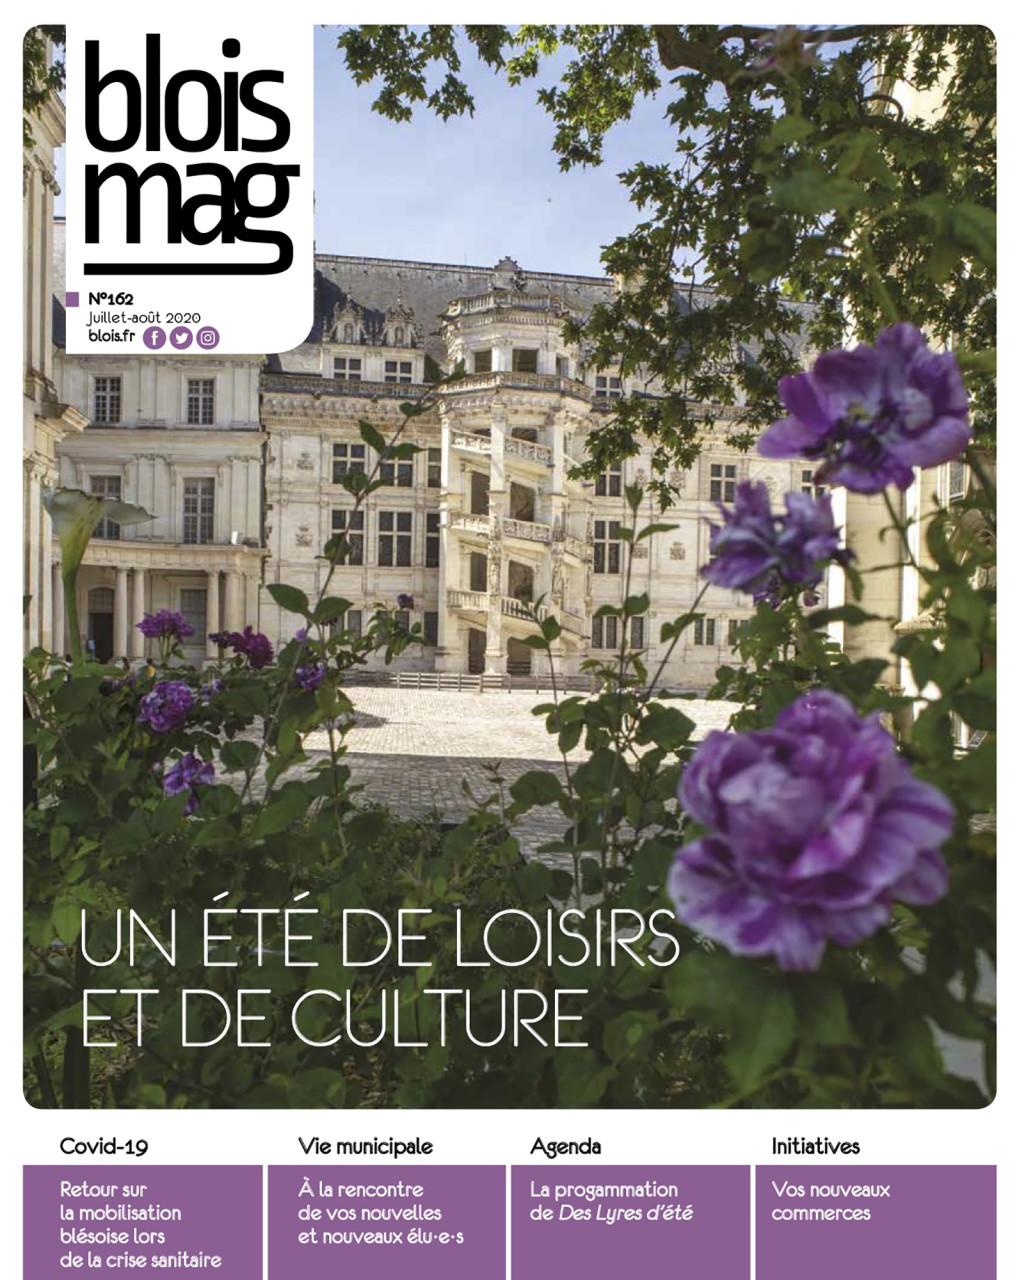 Parution en Une dans Blois Mag de juillet/août 2020 : Photo © Nicolas Wietrich